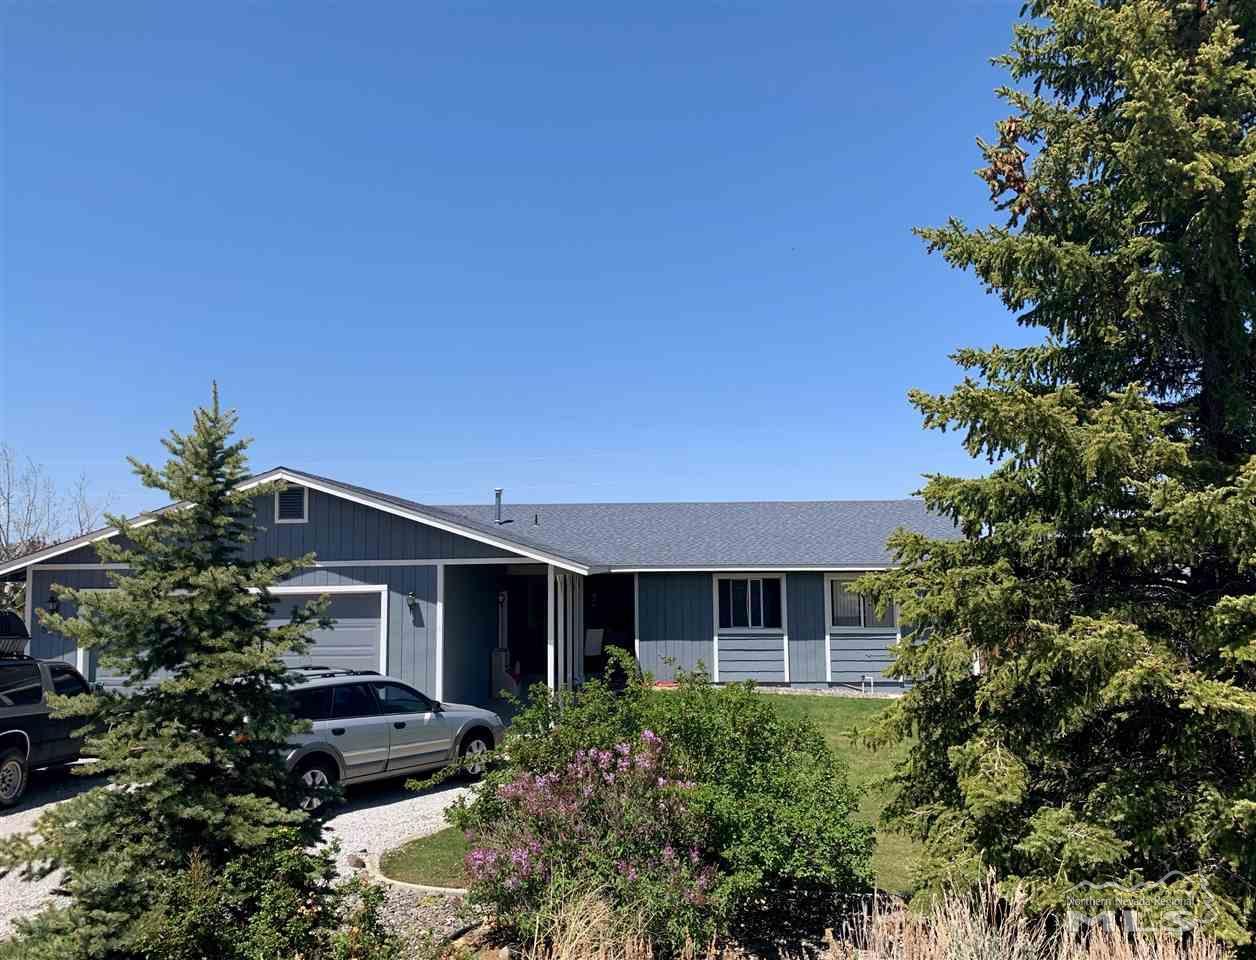 Image for 8095 Blackfoot Way, Reno, NV 89506